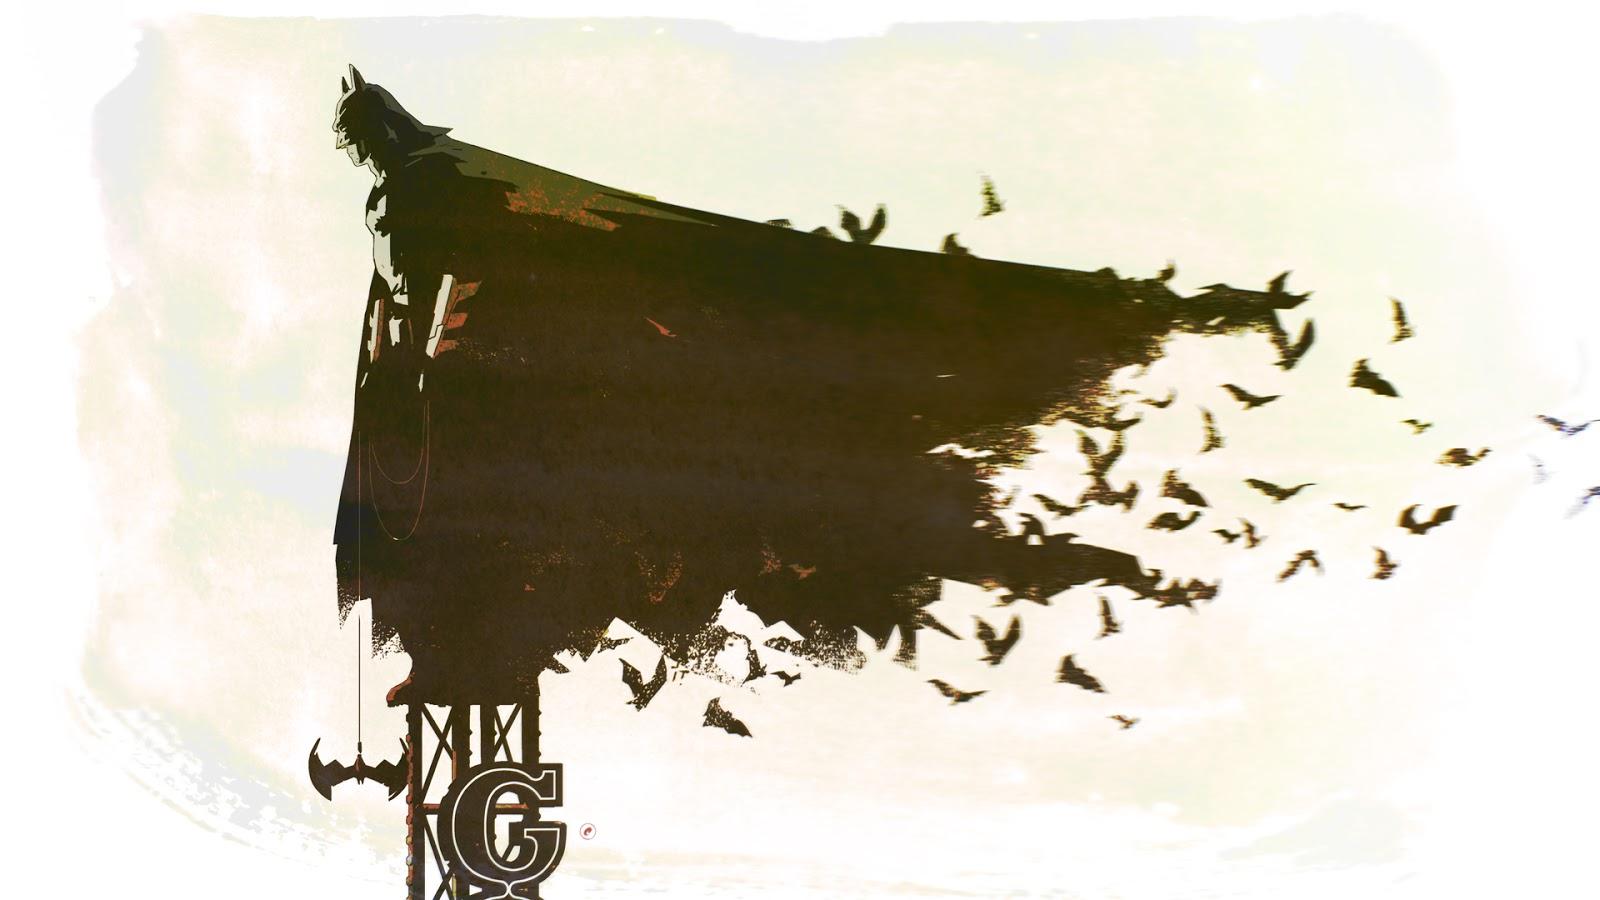 Batman Concepts And Illustrations I Concept Art World